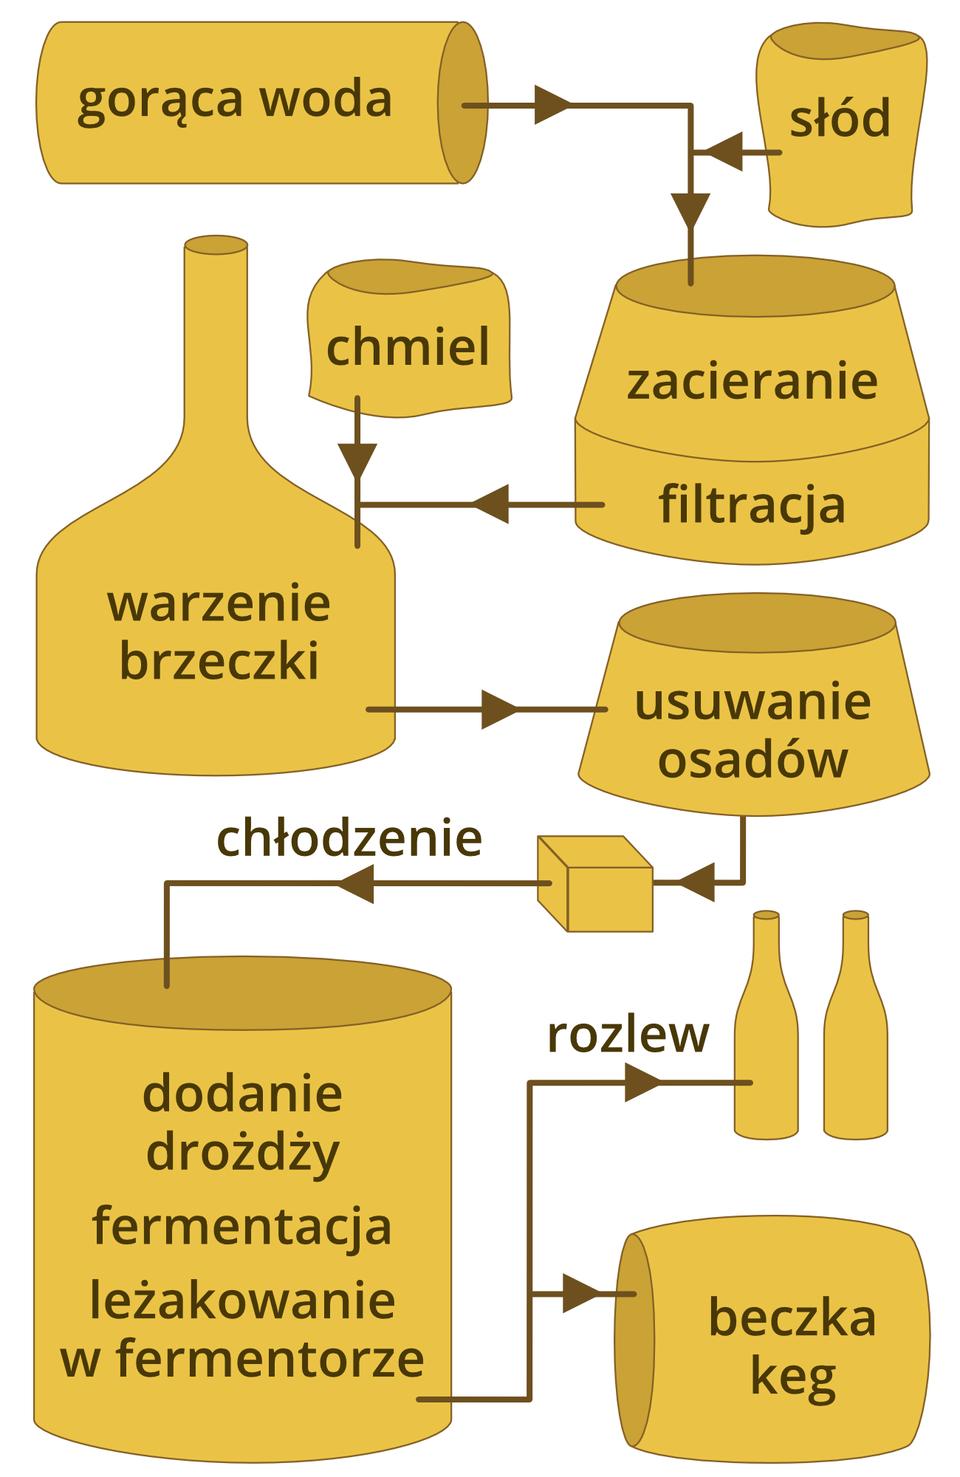 Ilustracja prezdstawia kolejne etapy produkcji piwa